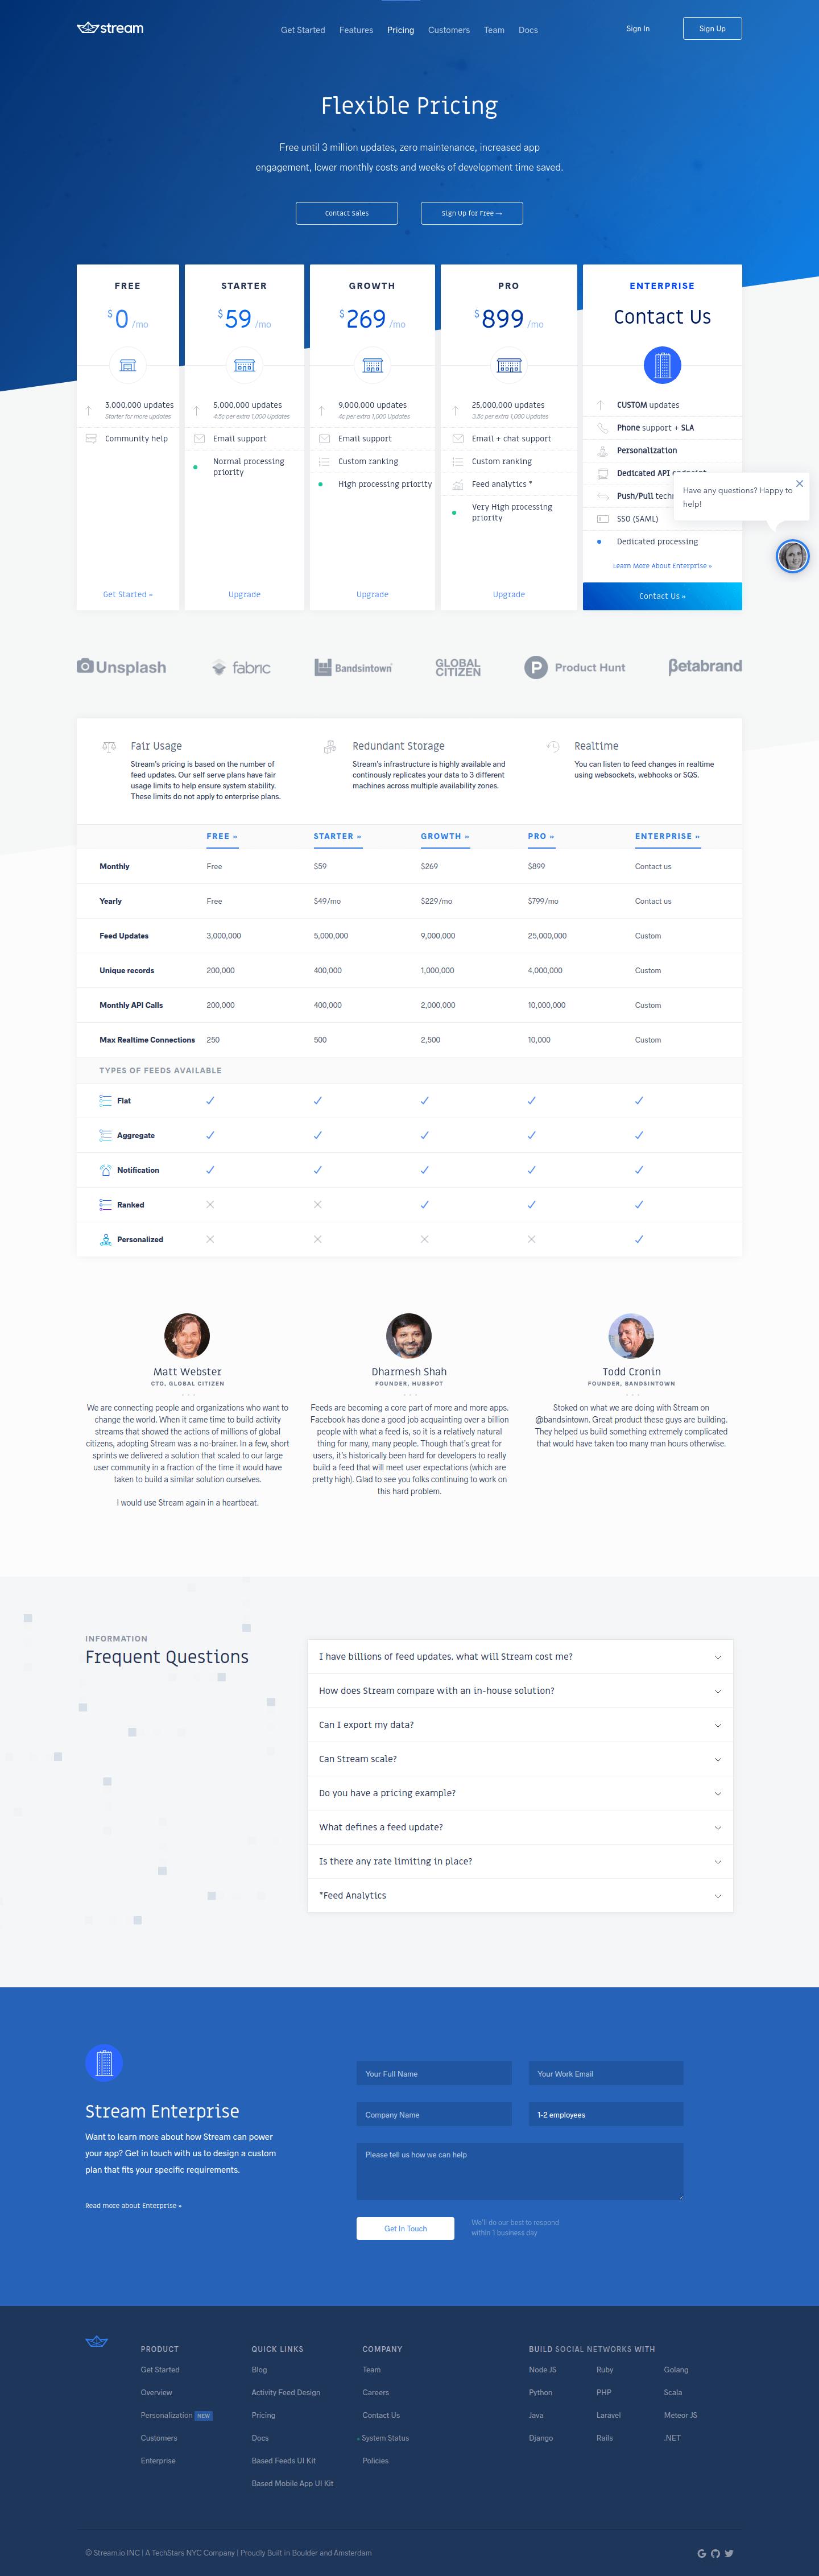 getstream.io-pricing-full